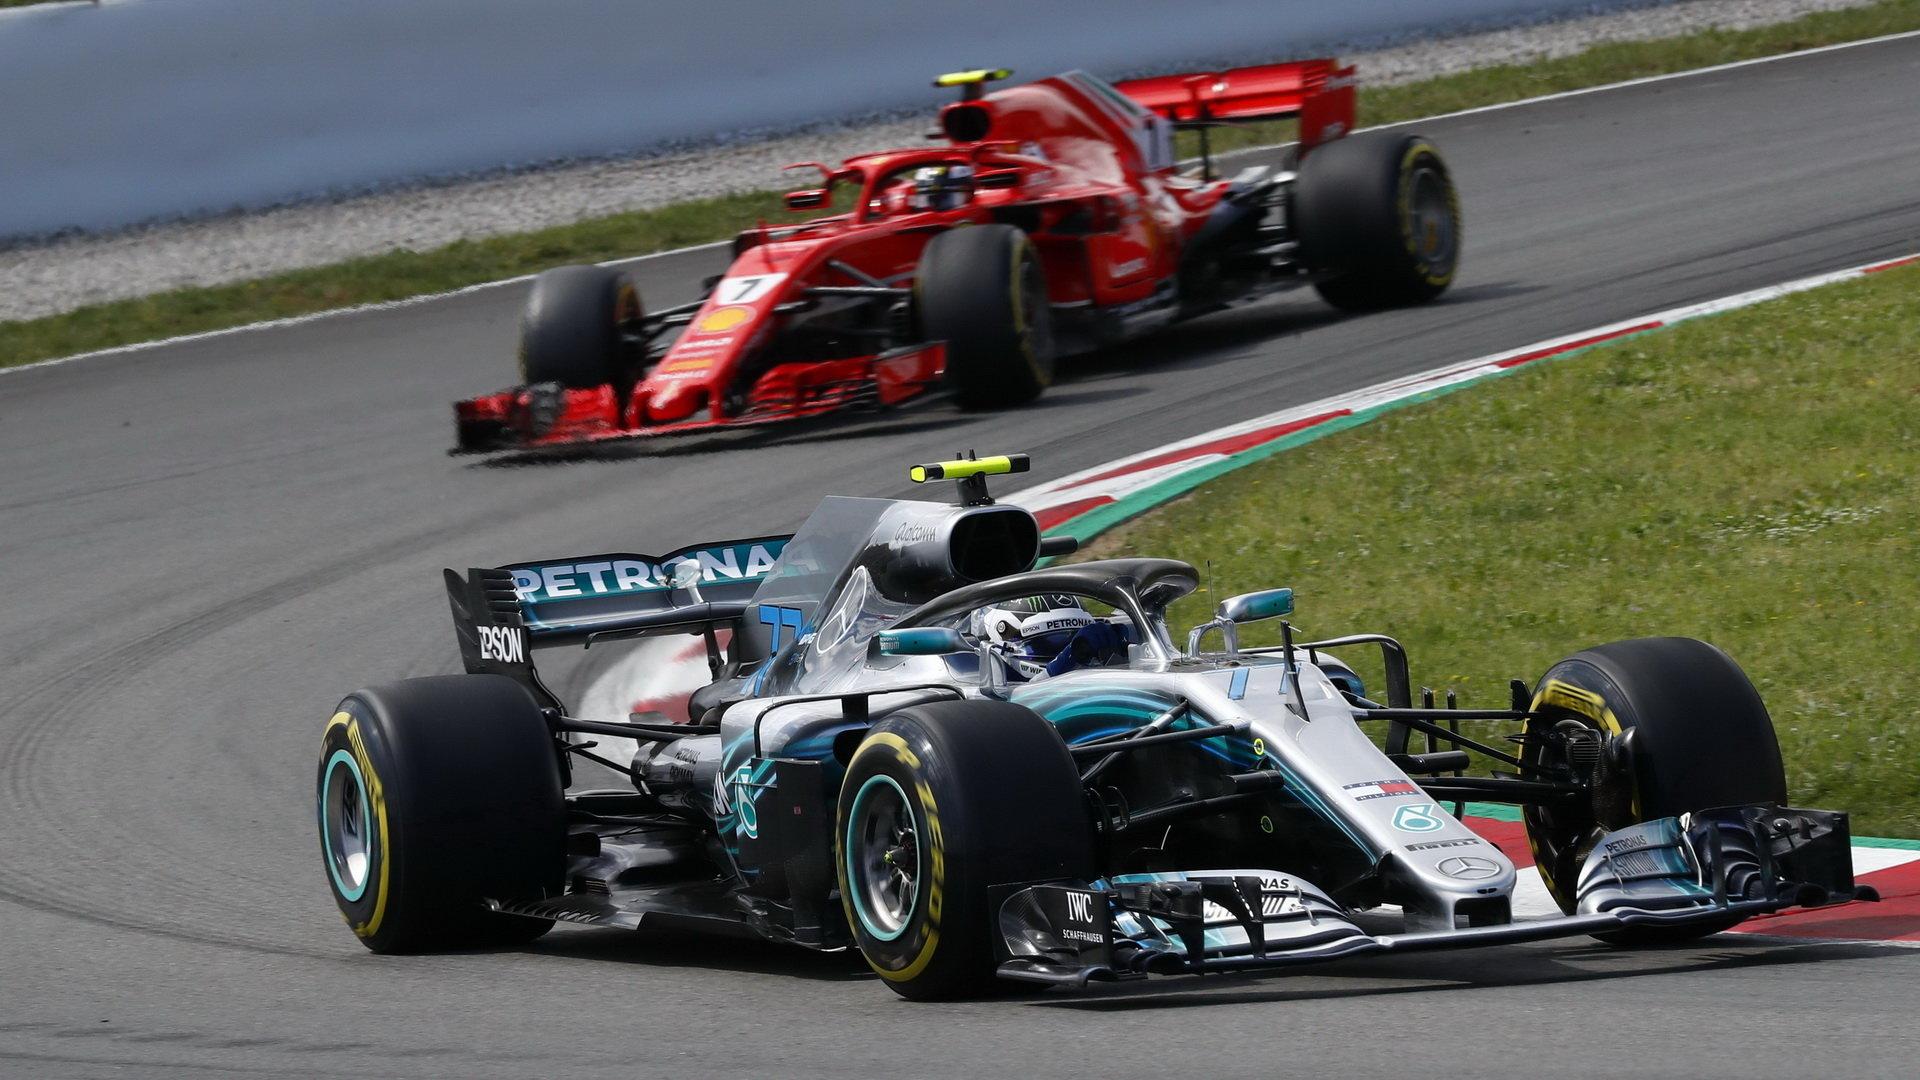 Jeden názor říká, že Pirelli chtělo zvýhodnit Mercedes a přibrzdit Ferrari...